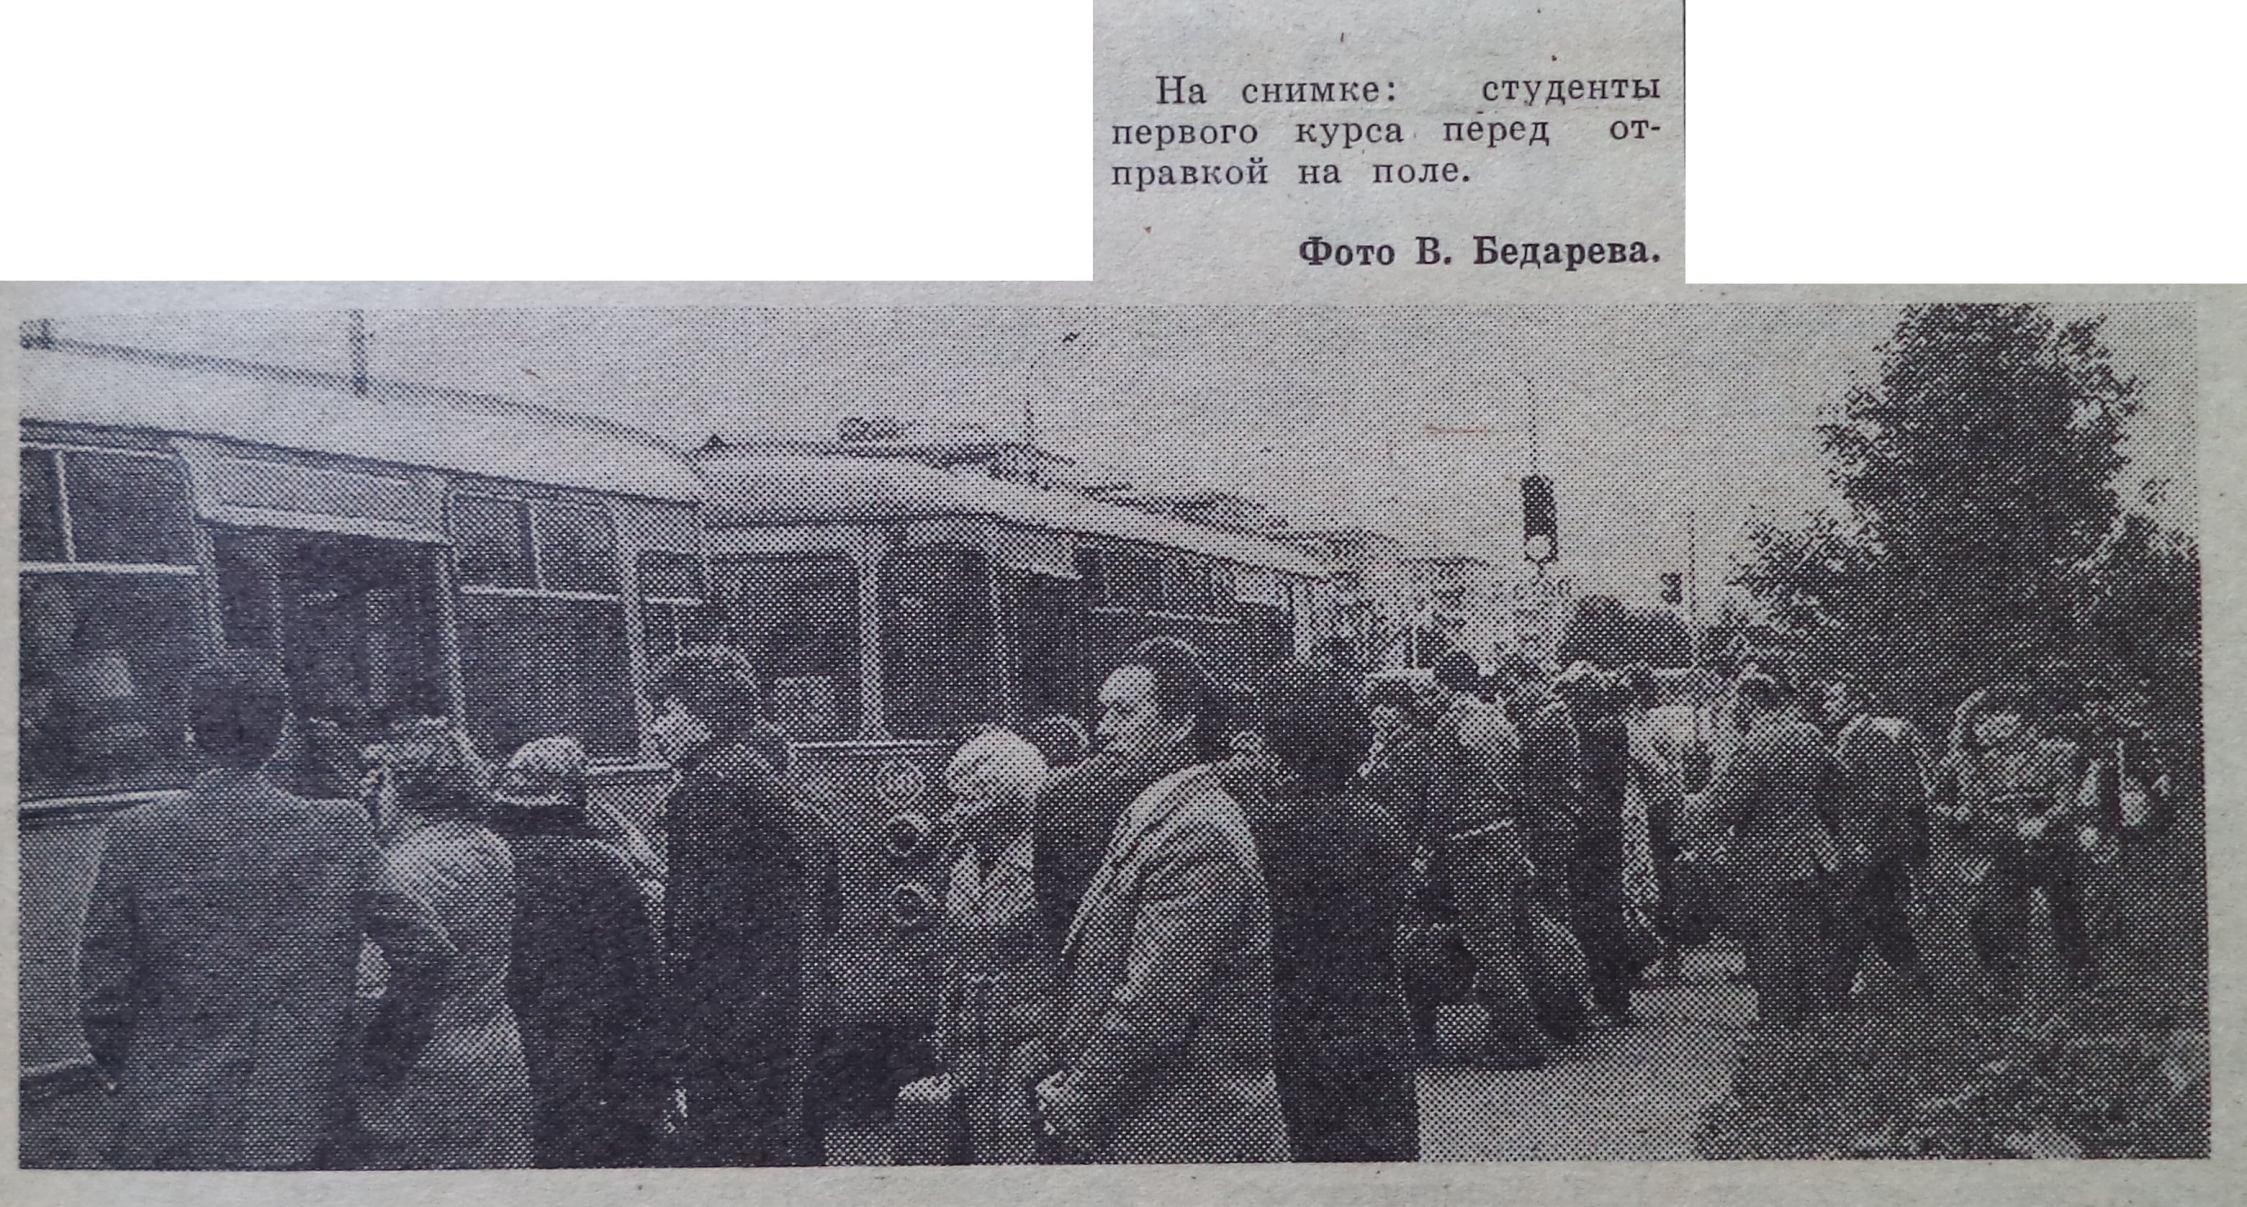 СА-ФОТО-043-Экономист-1983-09-02-отправка на картошку